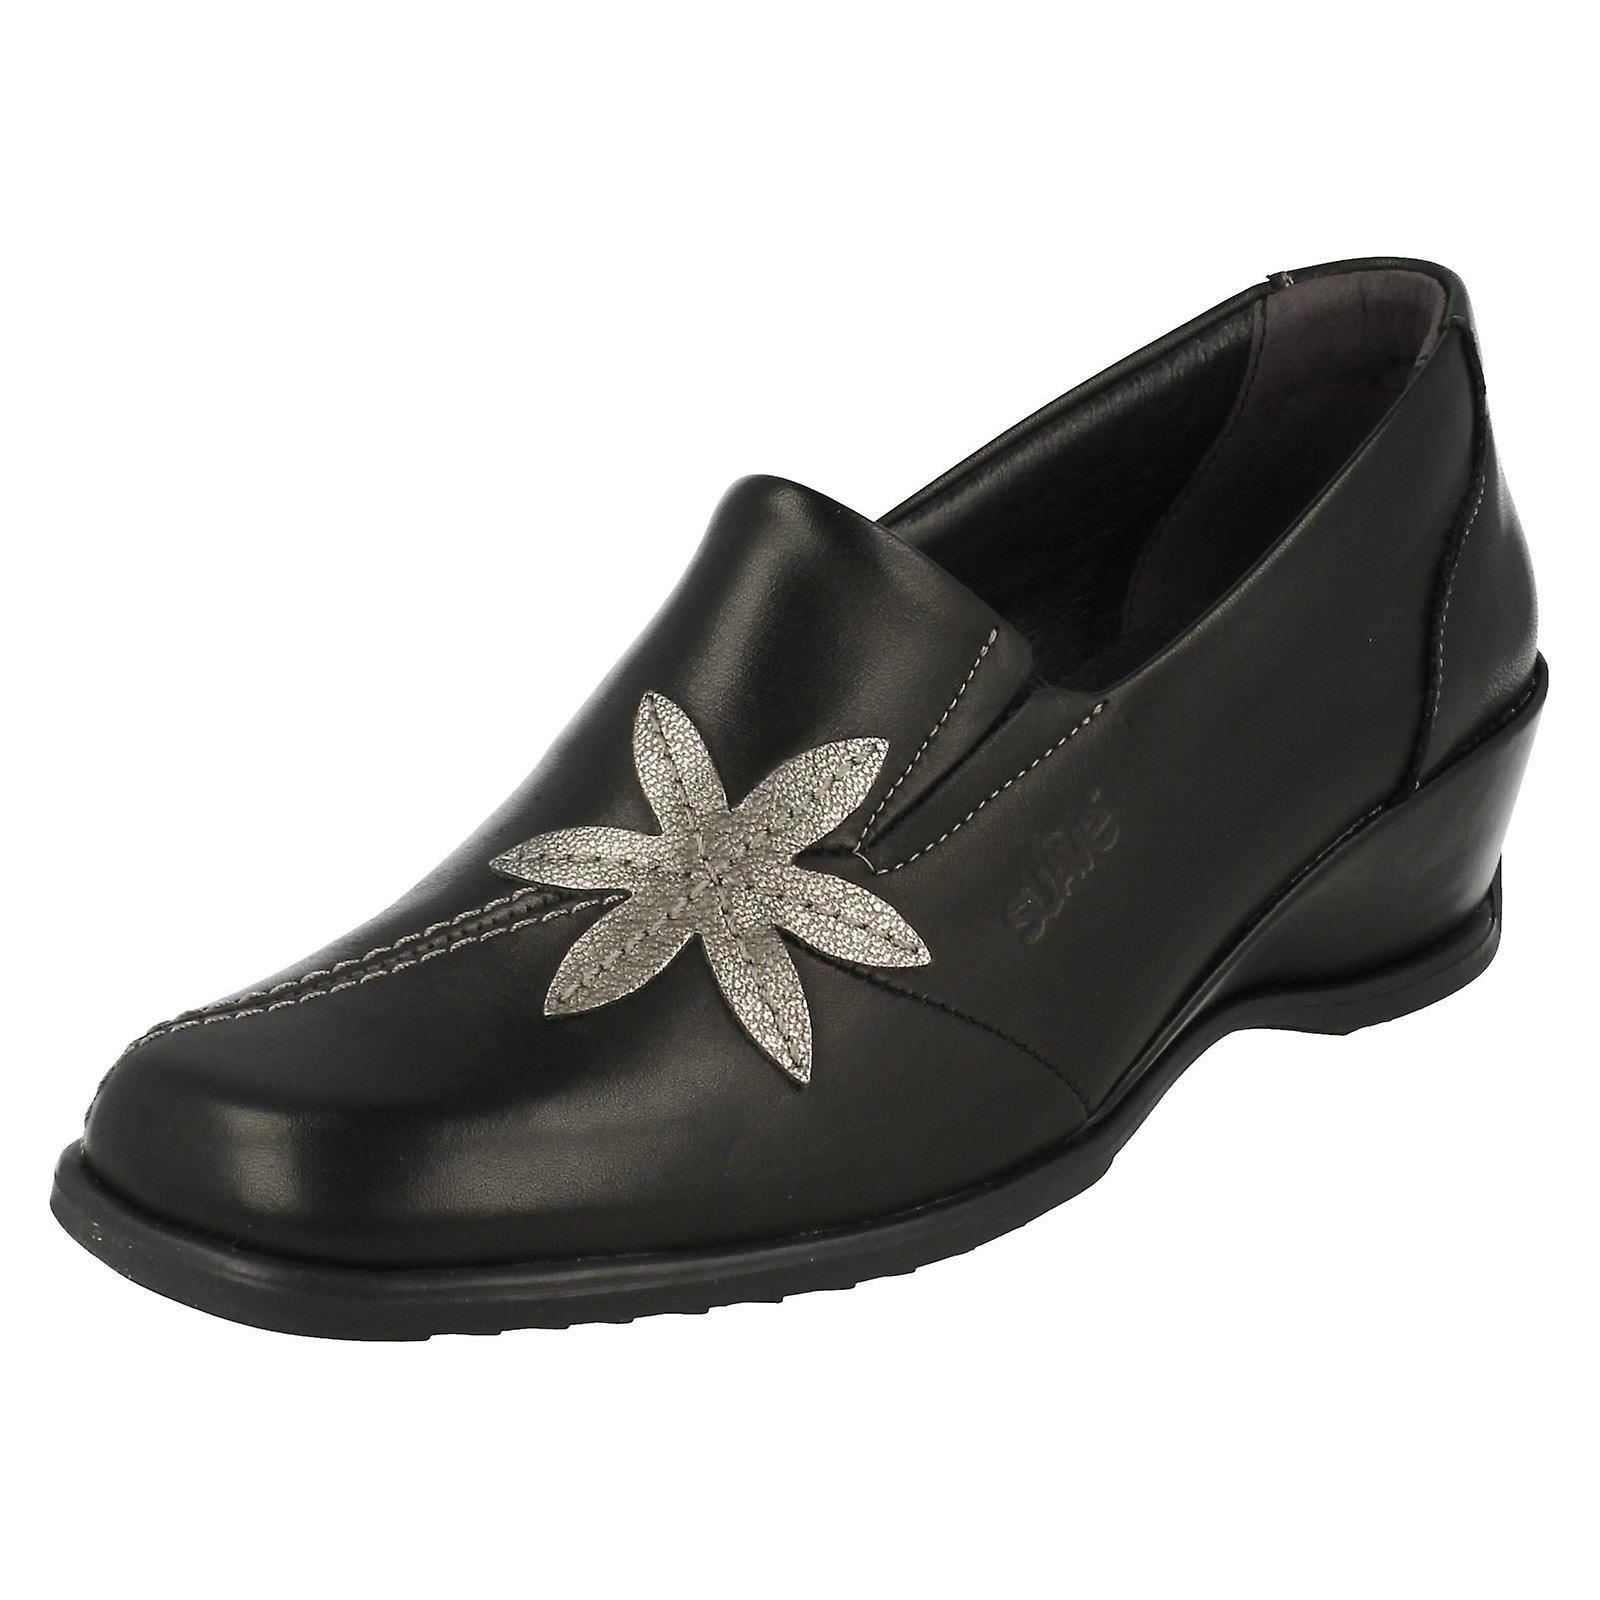 mesdames suave intelligent glisse sur un wedge chaussures sheila sheila sheila 779e6f